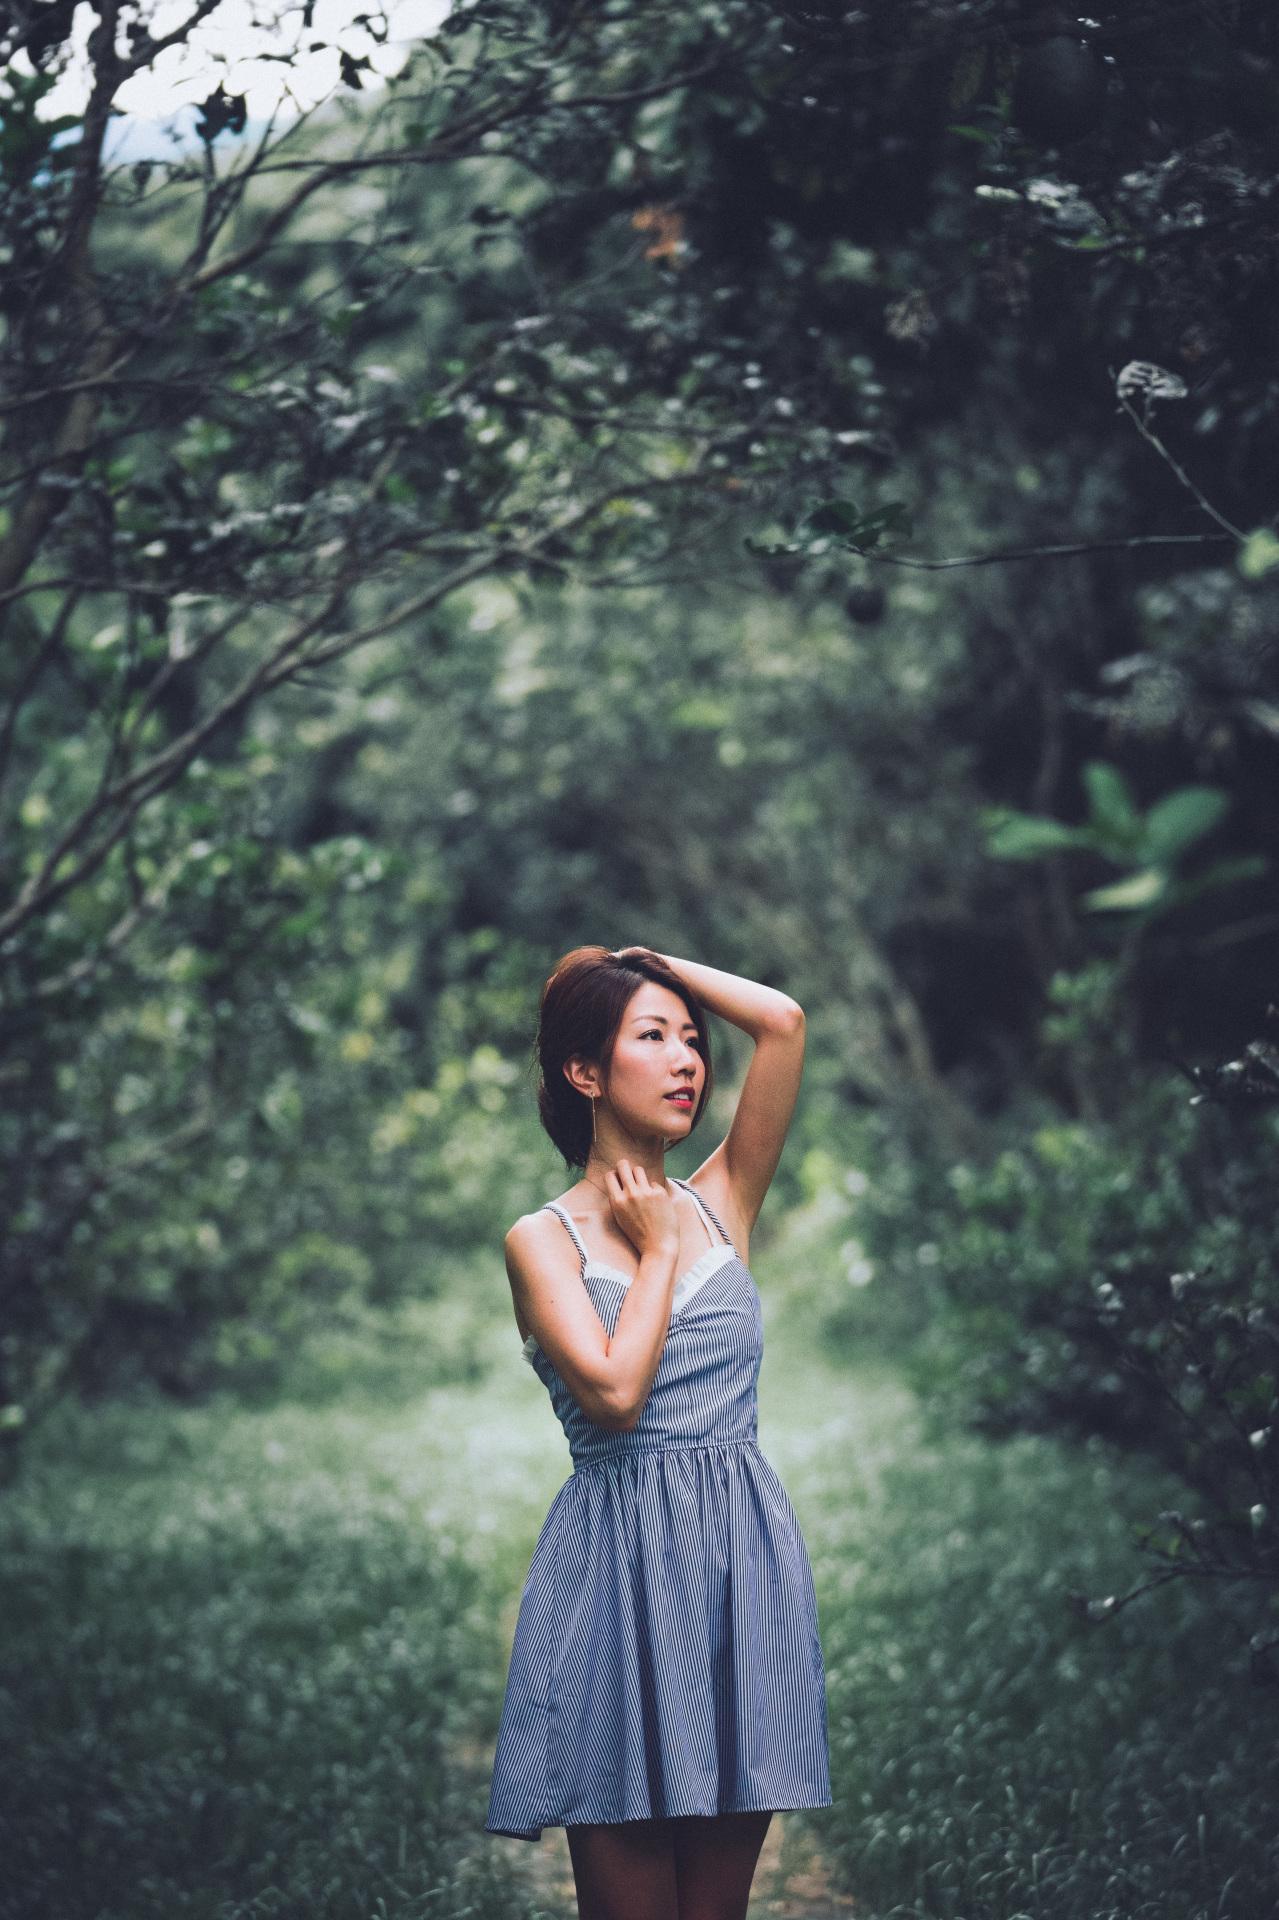 Siulam Portraits @ Sai Kung